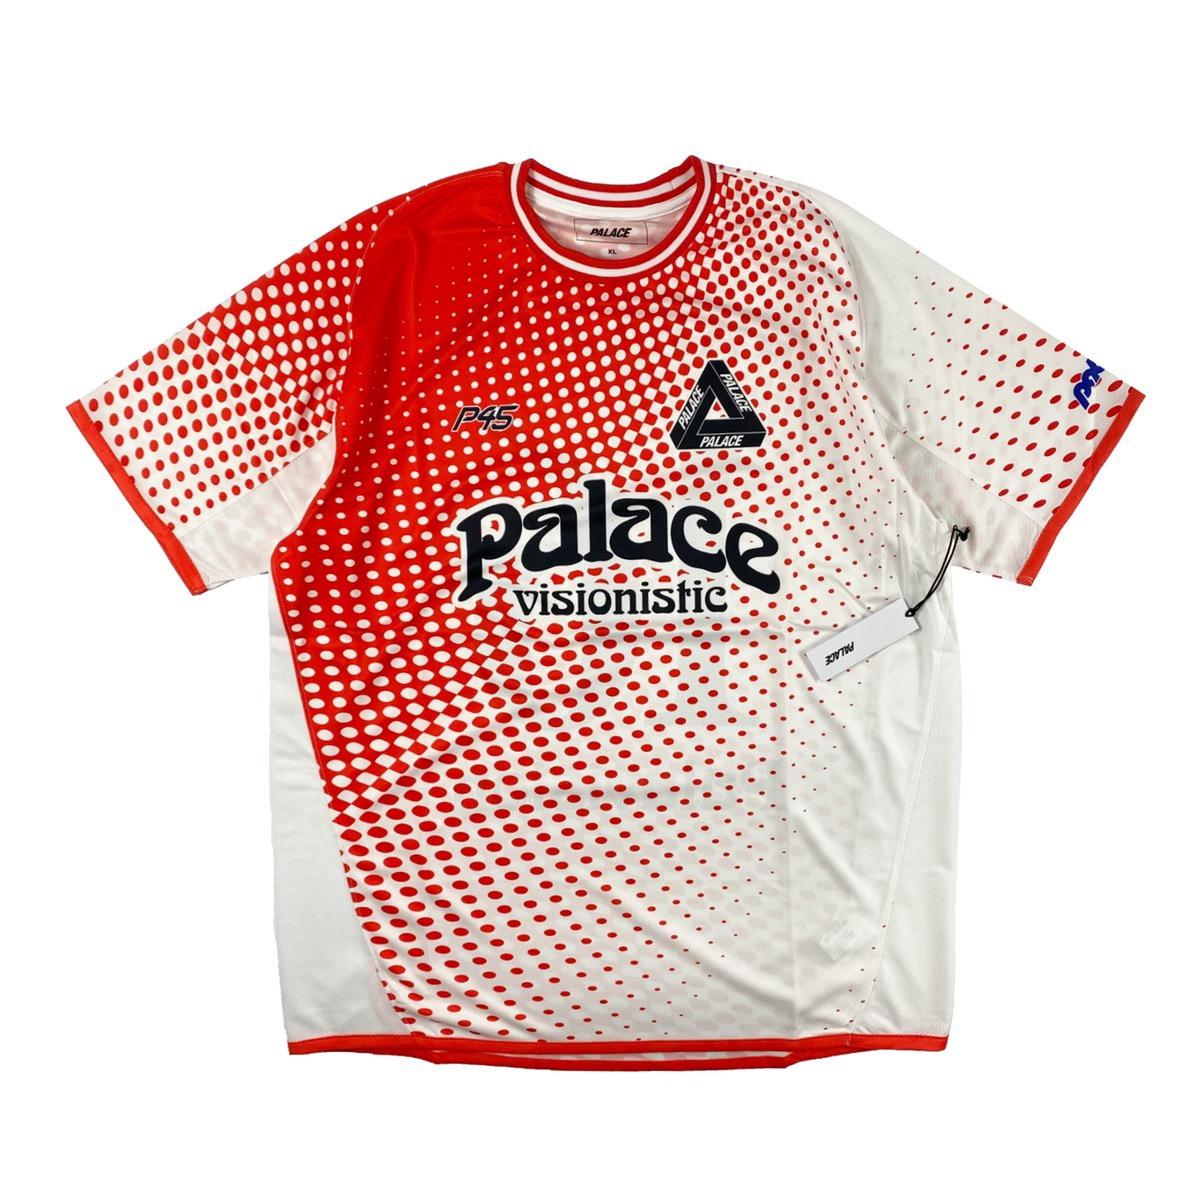 Palace Palace Multi Option Footie Jersey Shirt Multi